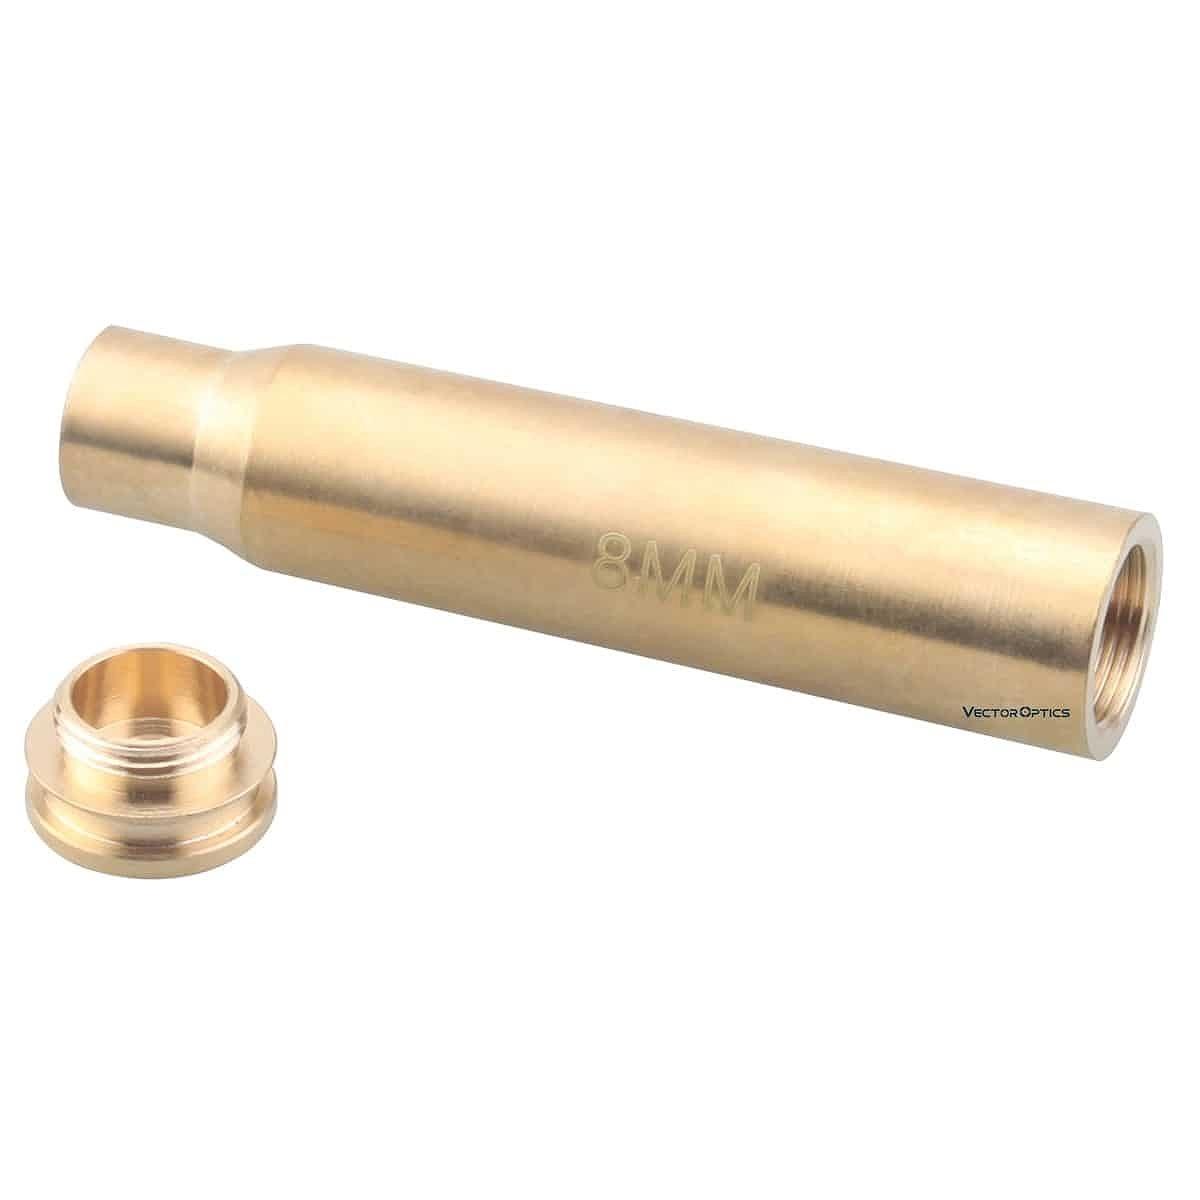 ベクターオプティクス ボアサイト 8mm  Vector Optics SCBCR-06